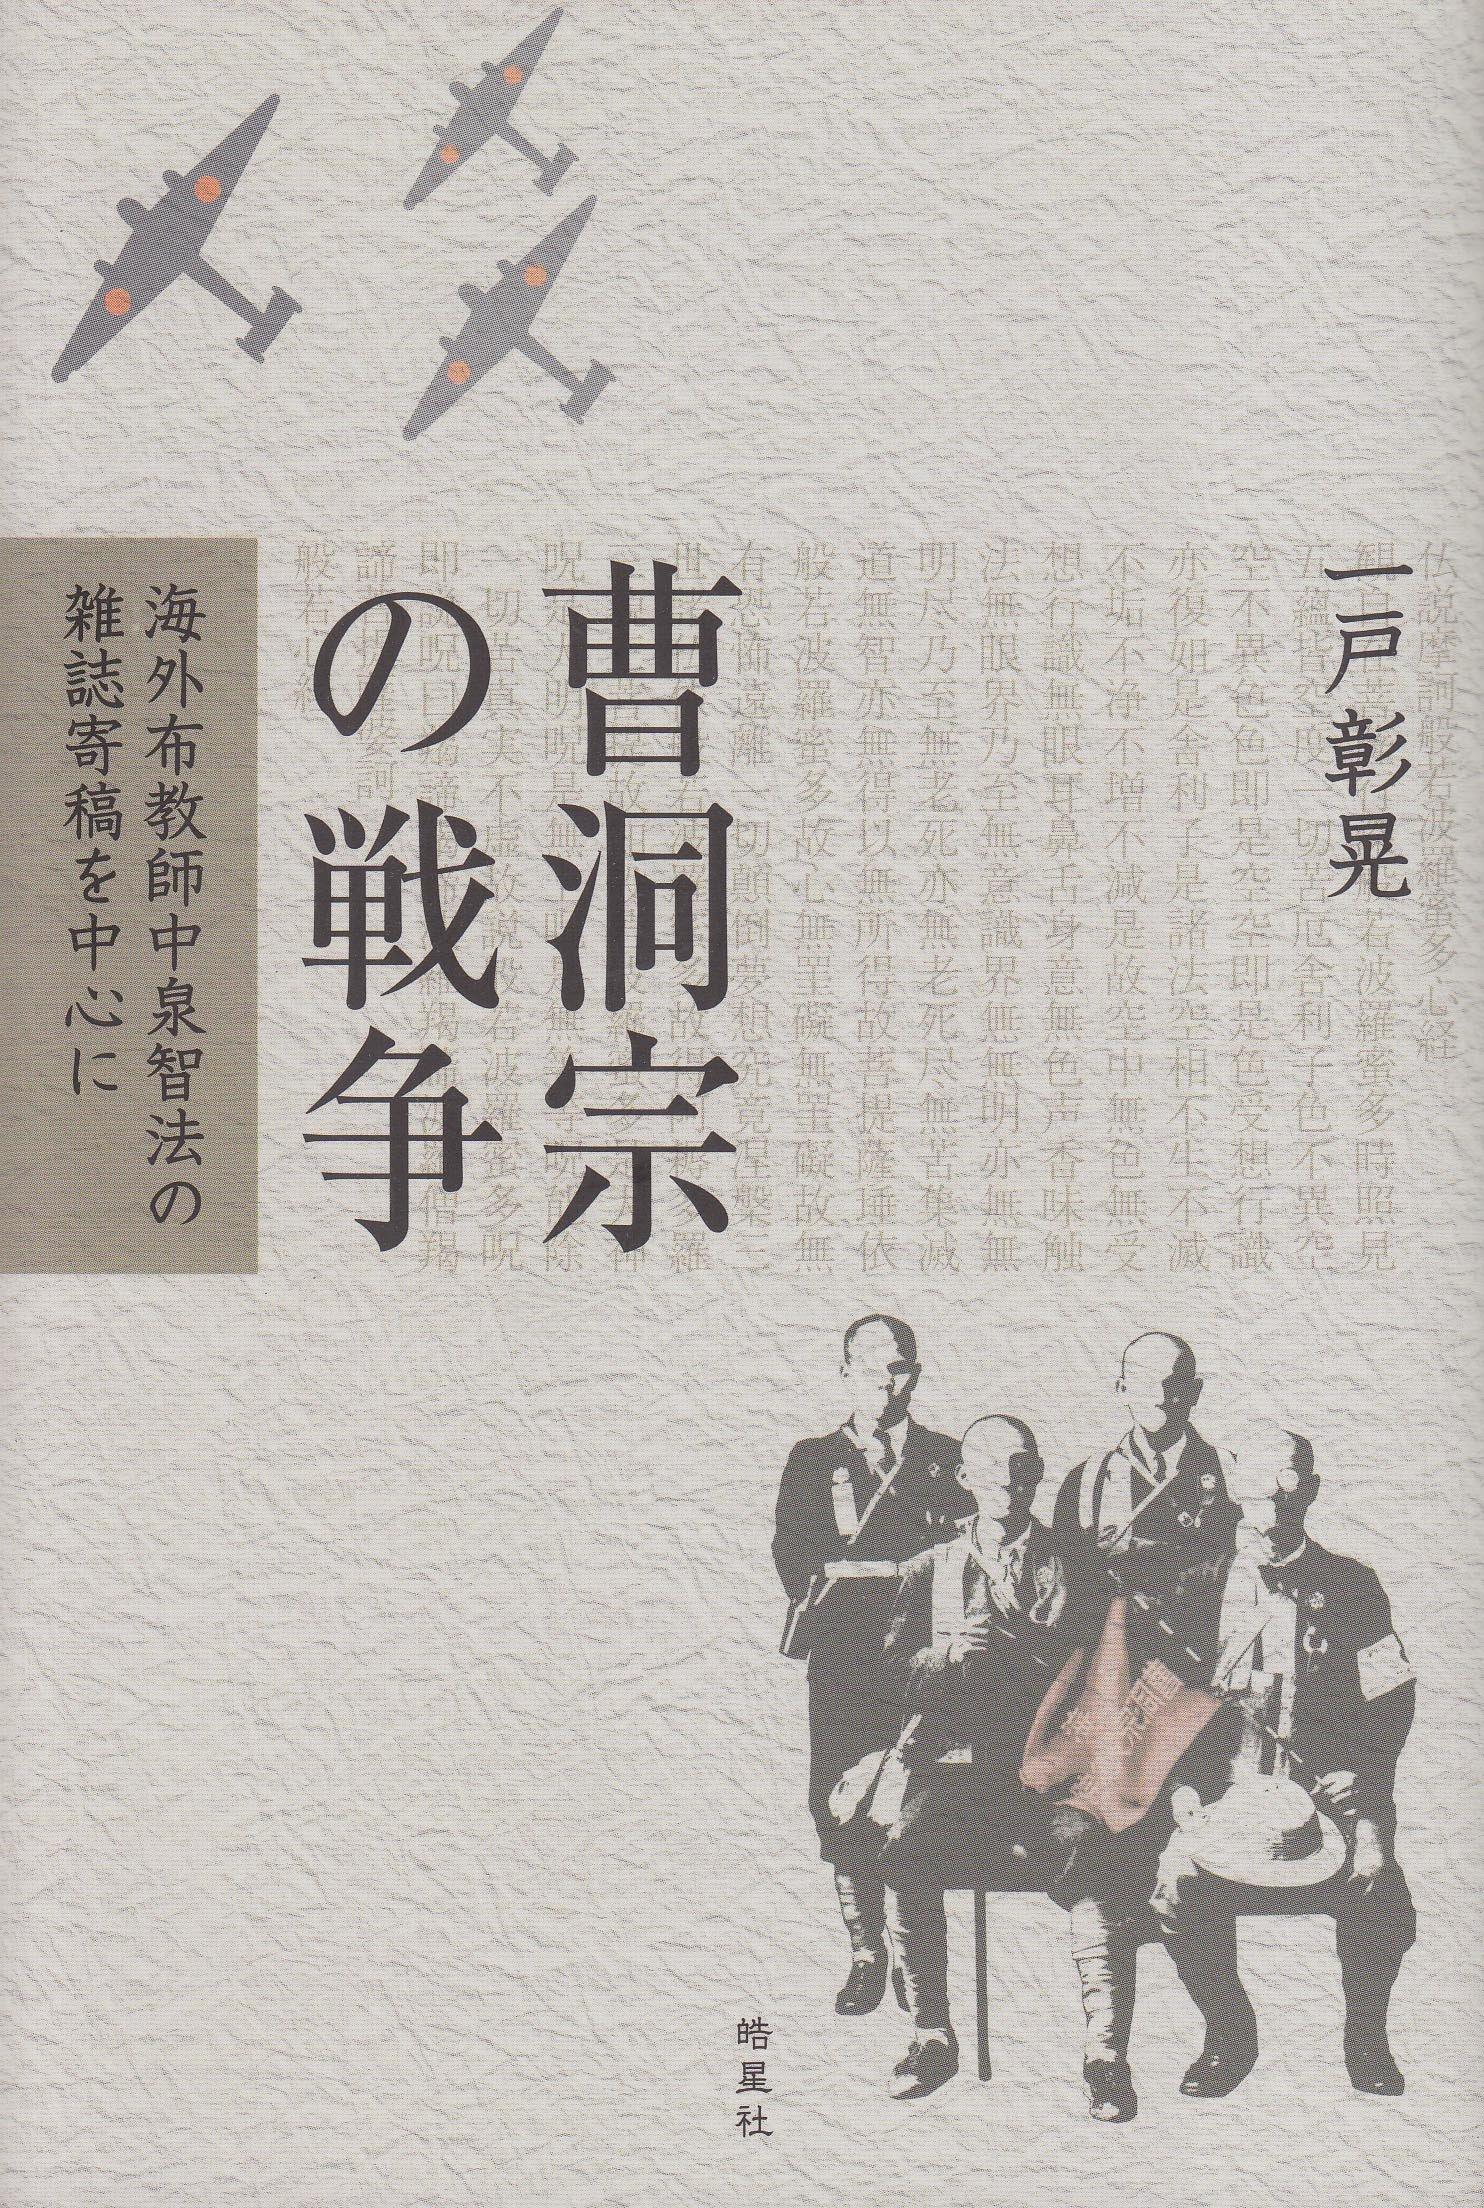 Amazon.co.jp: 曹洞宗の戦争―海外布教師中泉智法の雑誌寄稿を中心に ...